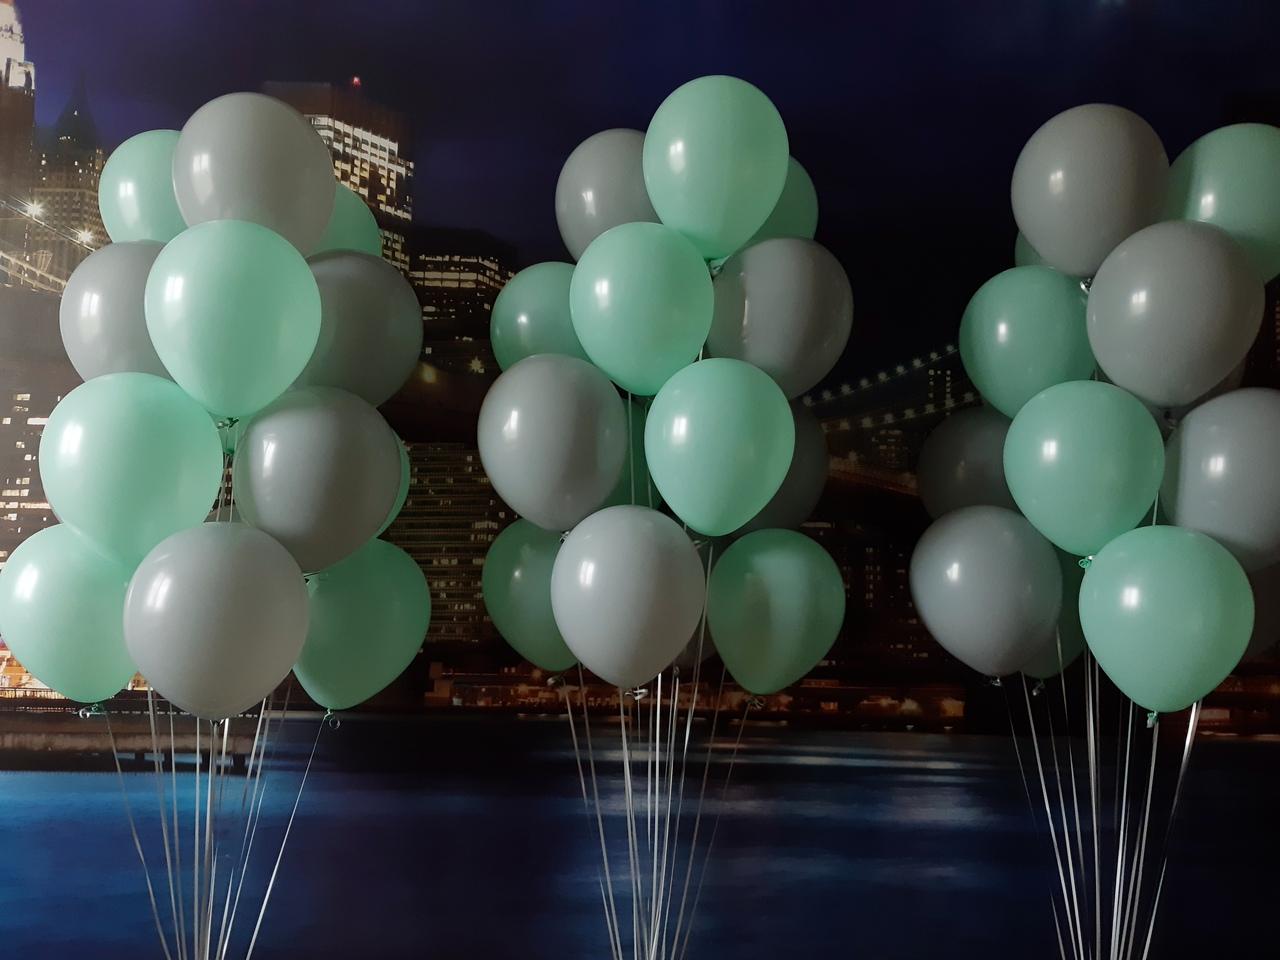 как красиво связать воздушные шарики фото кастрюлю